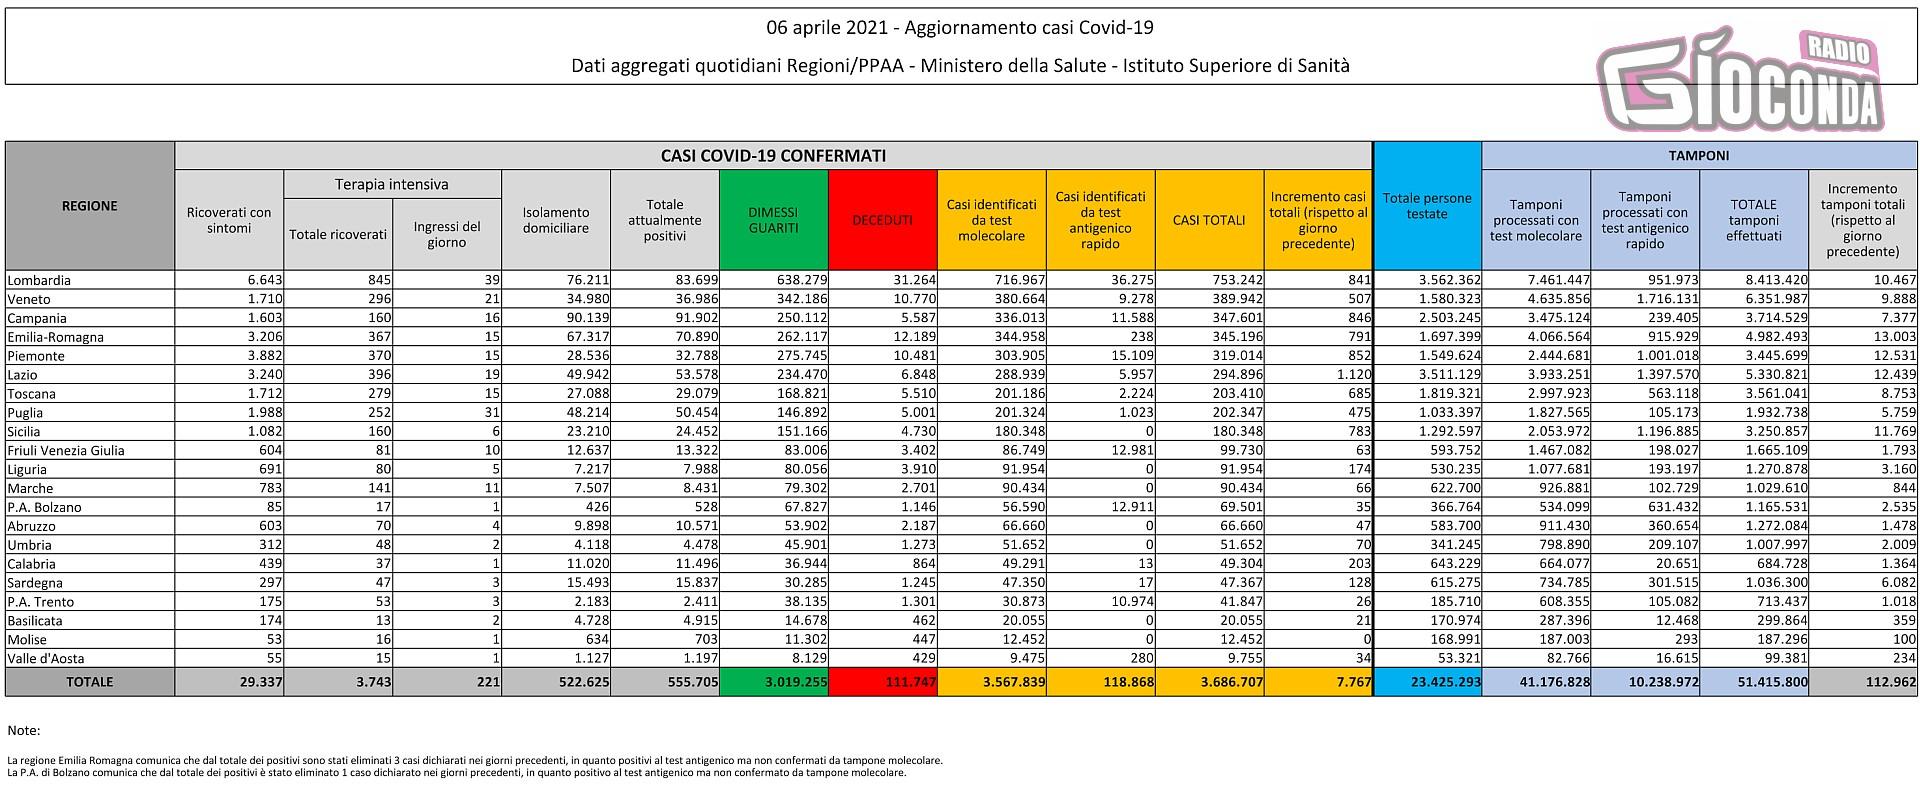 6 aprile 2021 - Aggiornamento casi Covid-19 Dati aggregati quotidiani Regioni/PPAA - Ministero della Salute - Istituto Superiore di Sanità